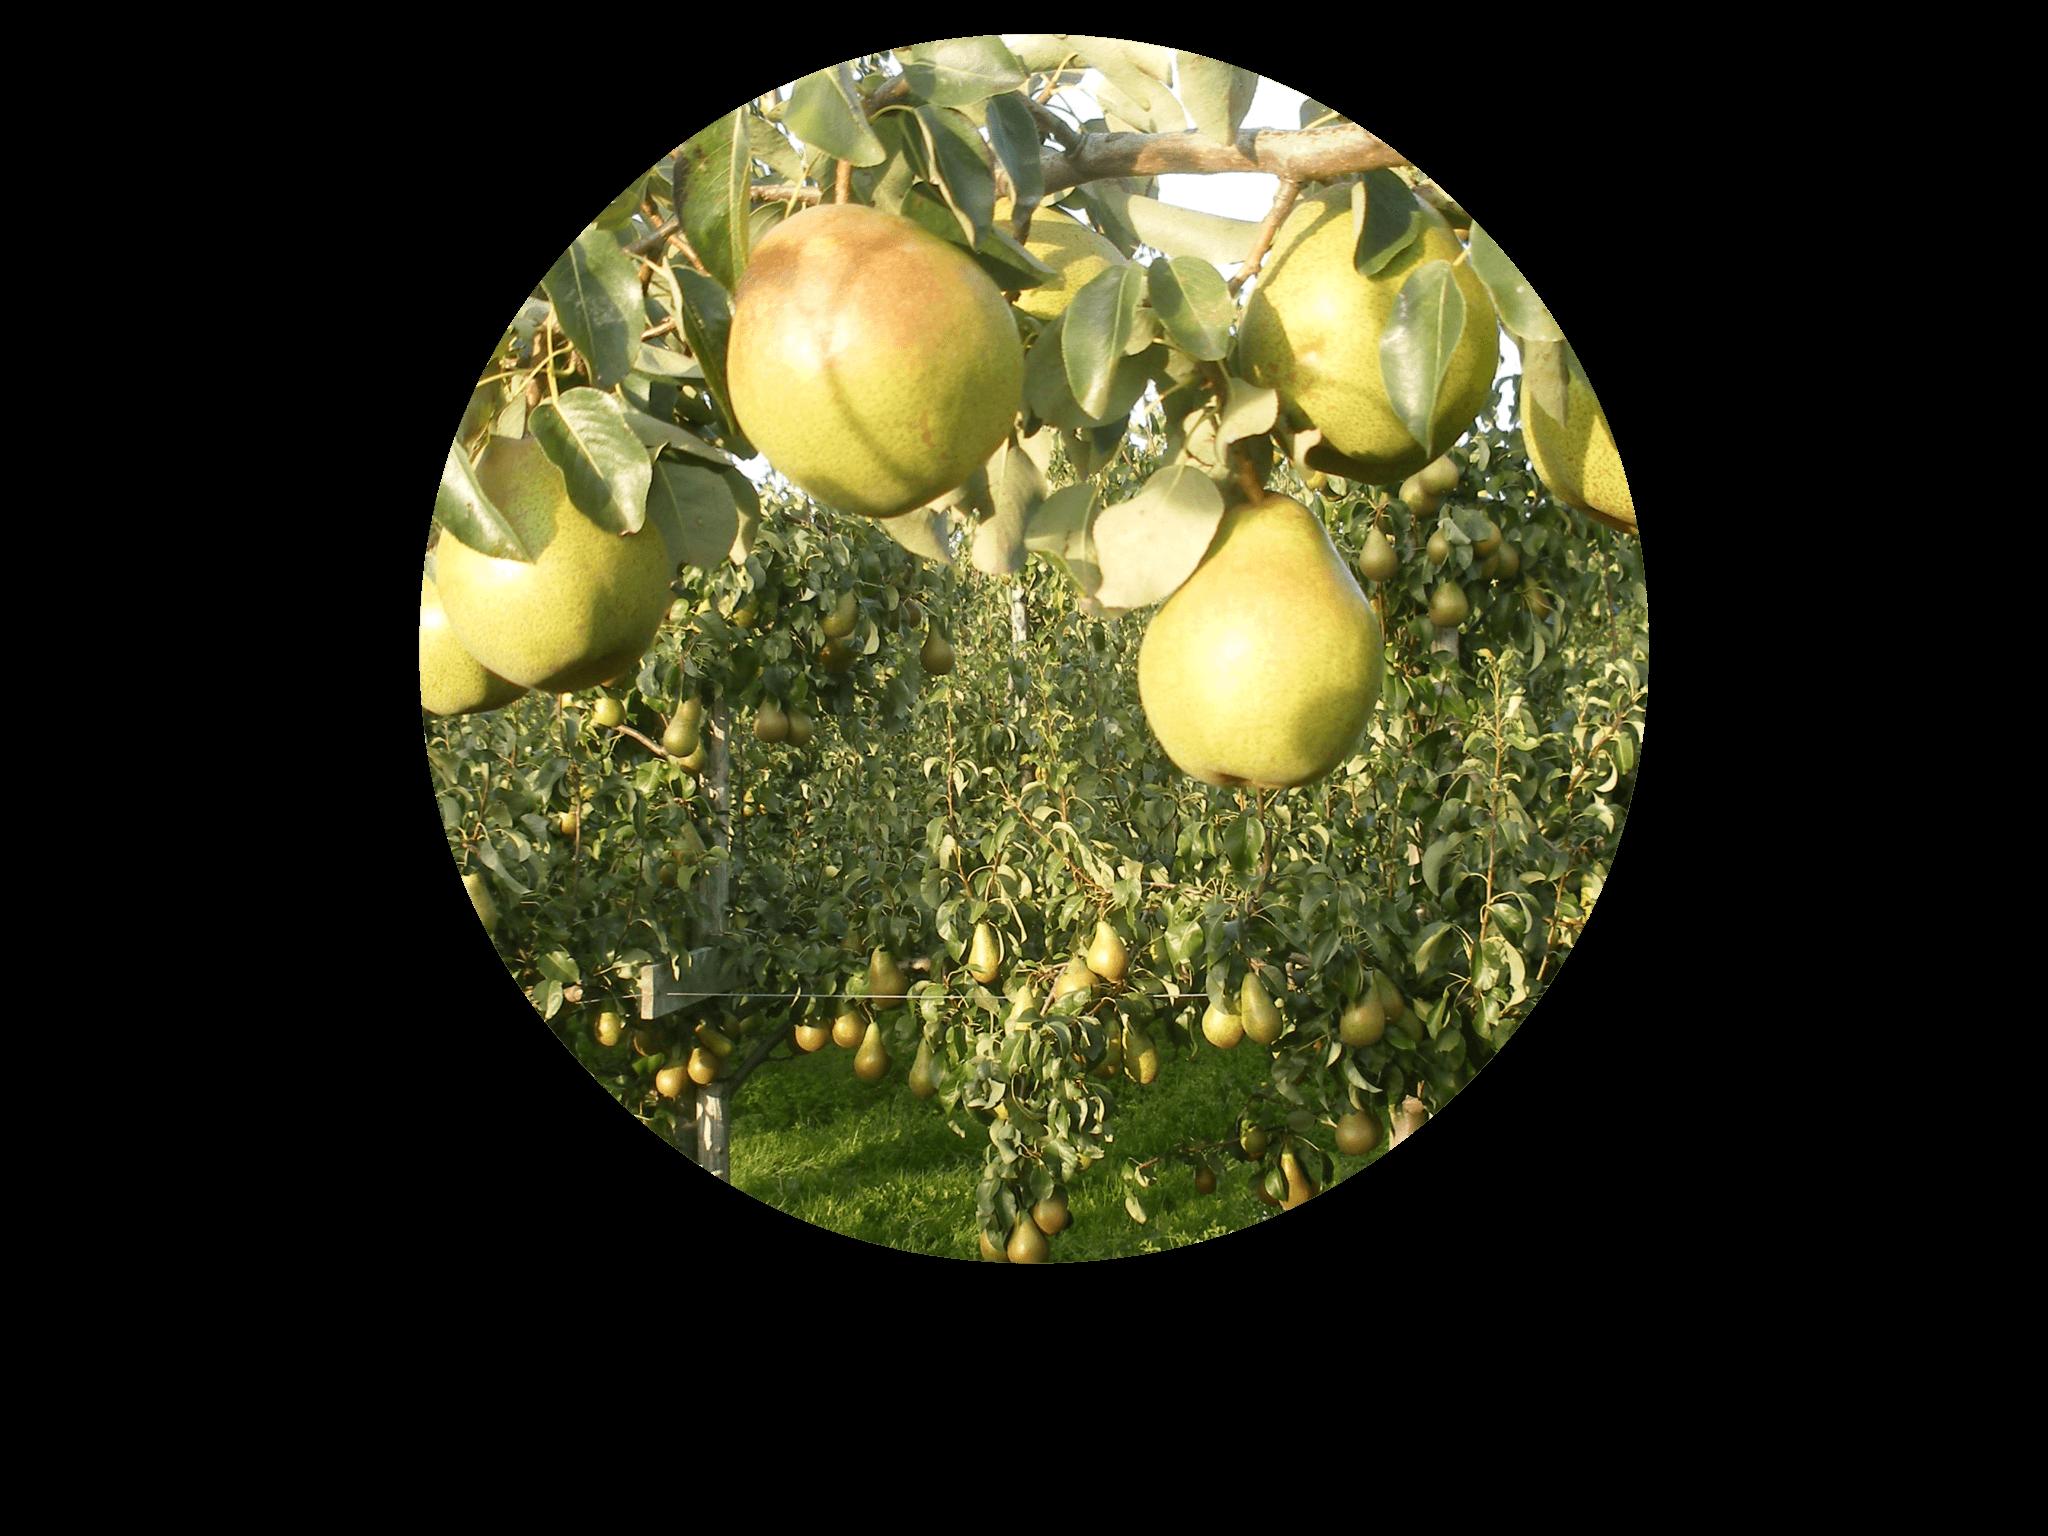 Fruitbedrijf Van den Berge: Onze perensoorten Doyenne